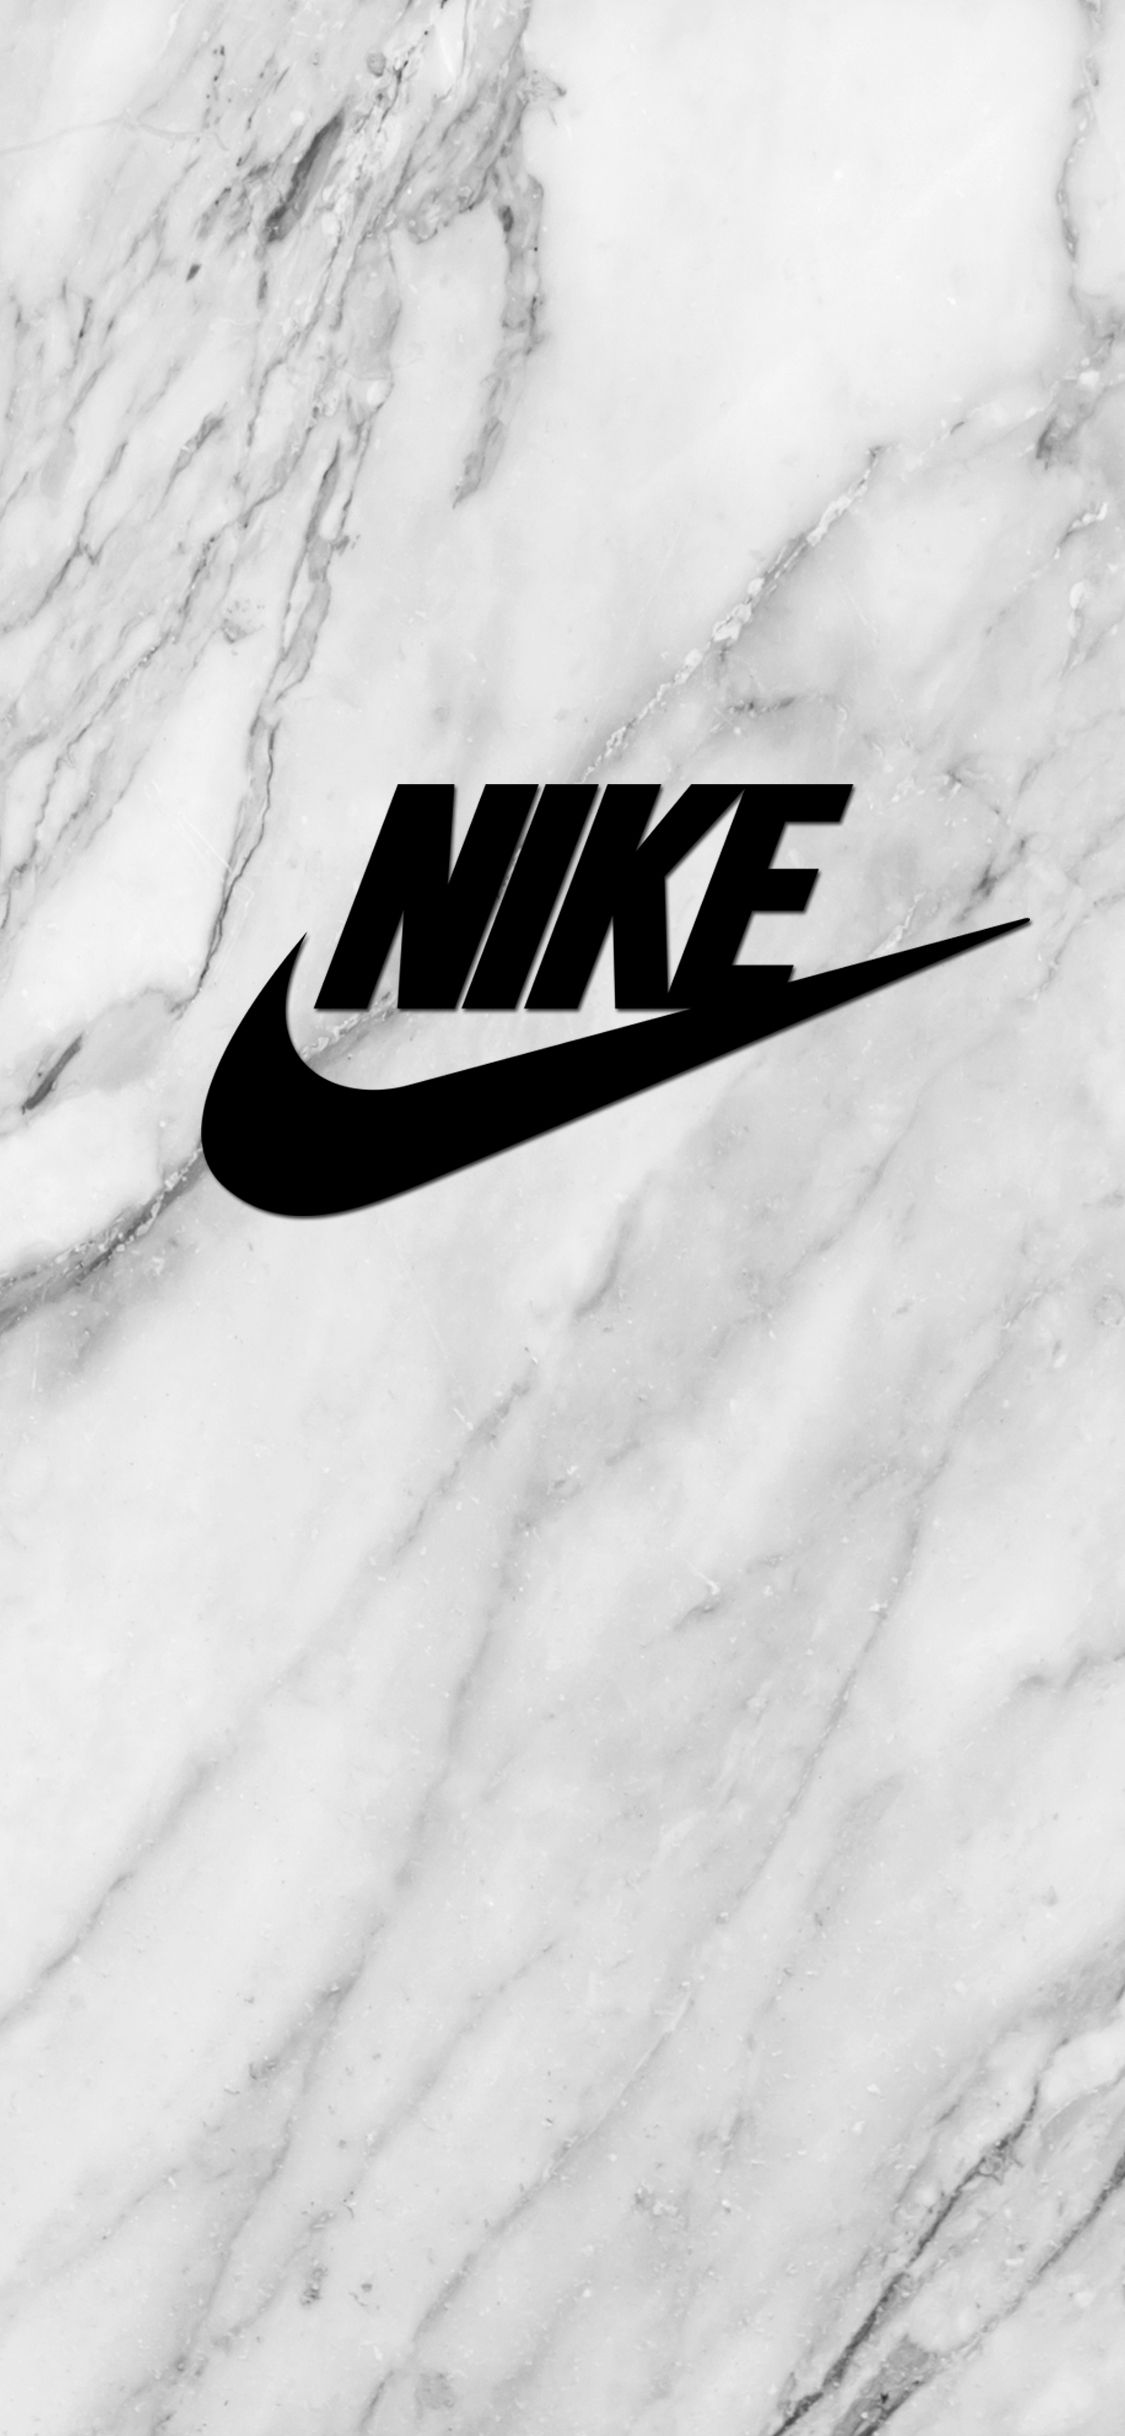 Nike White Wallpaper : white, wallpaper, IPhone, Wallpaper., Order, Iphone, Picture., Click, Wallpaper, Pattern,, Wallpaper,, Tumblr, Aesthetic